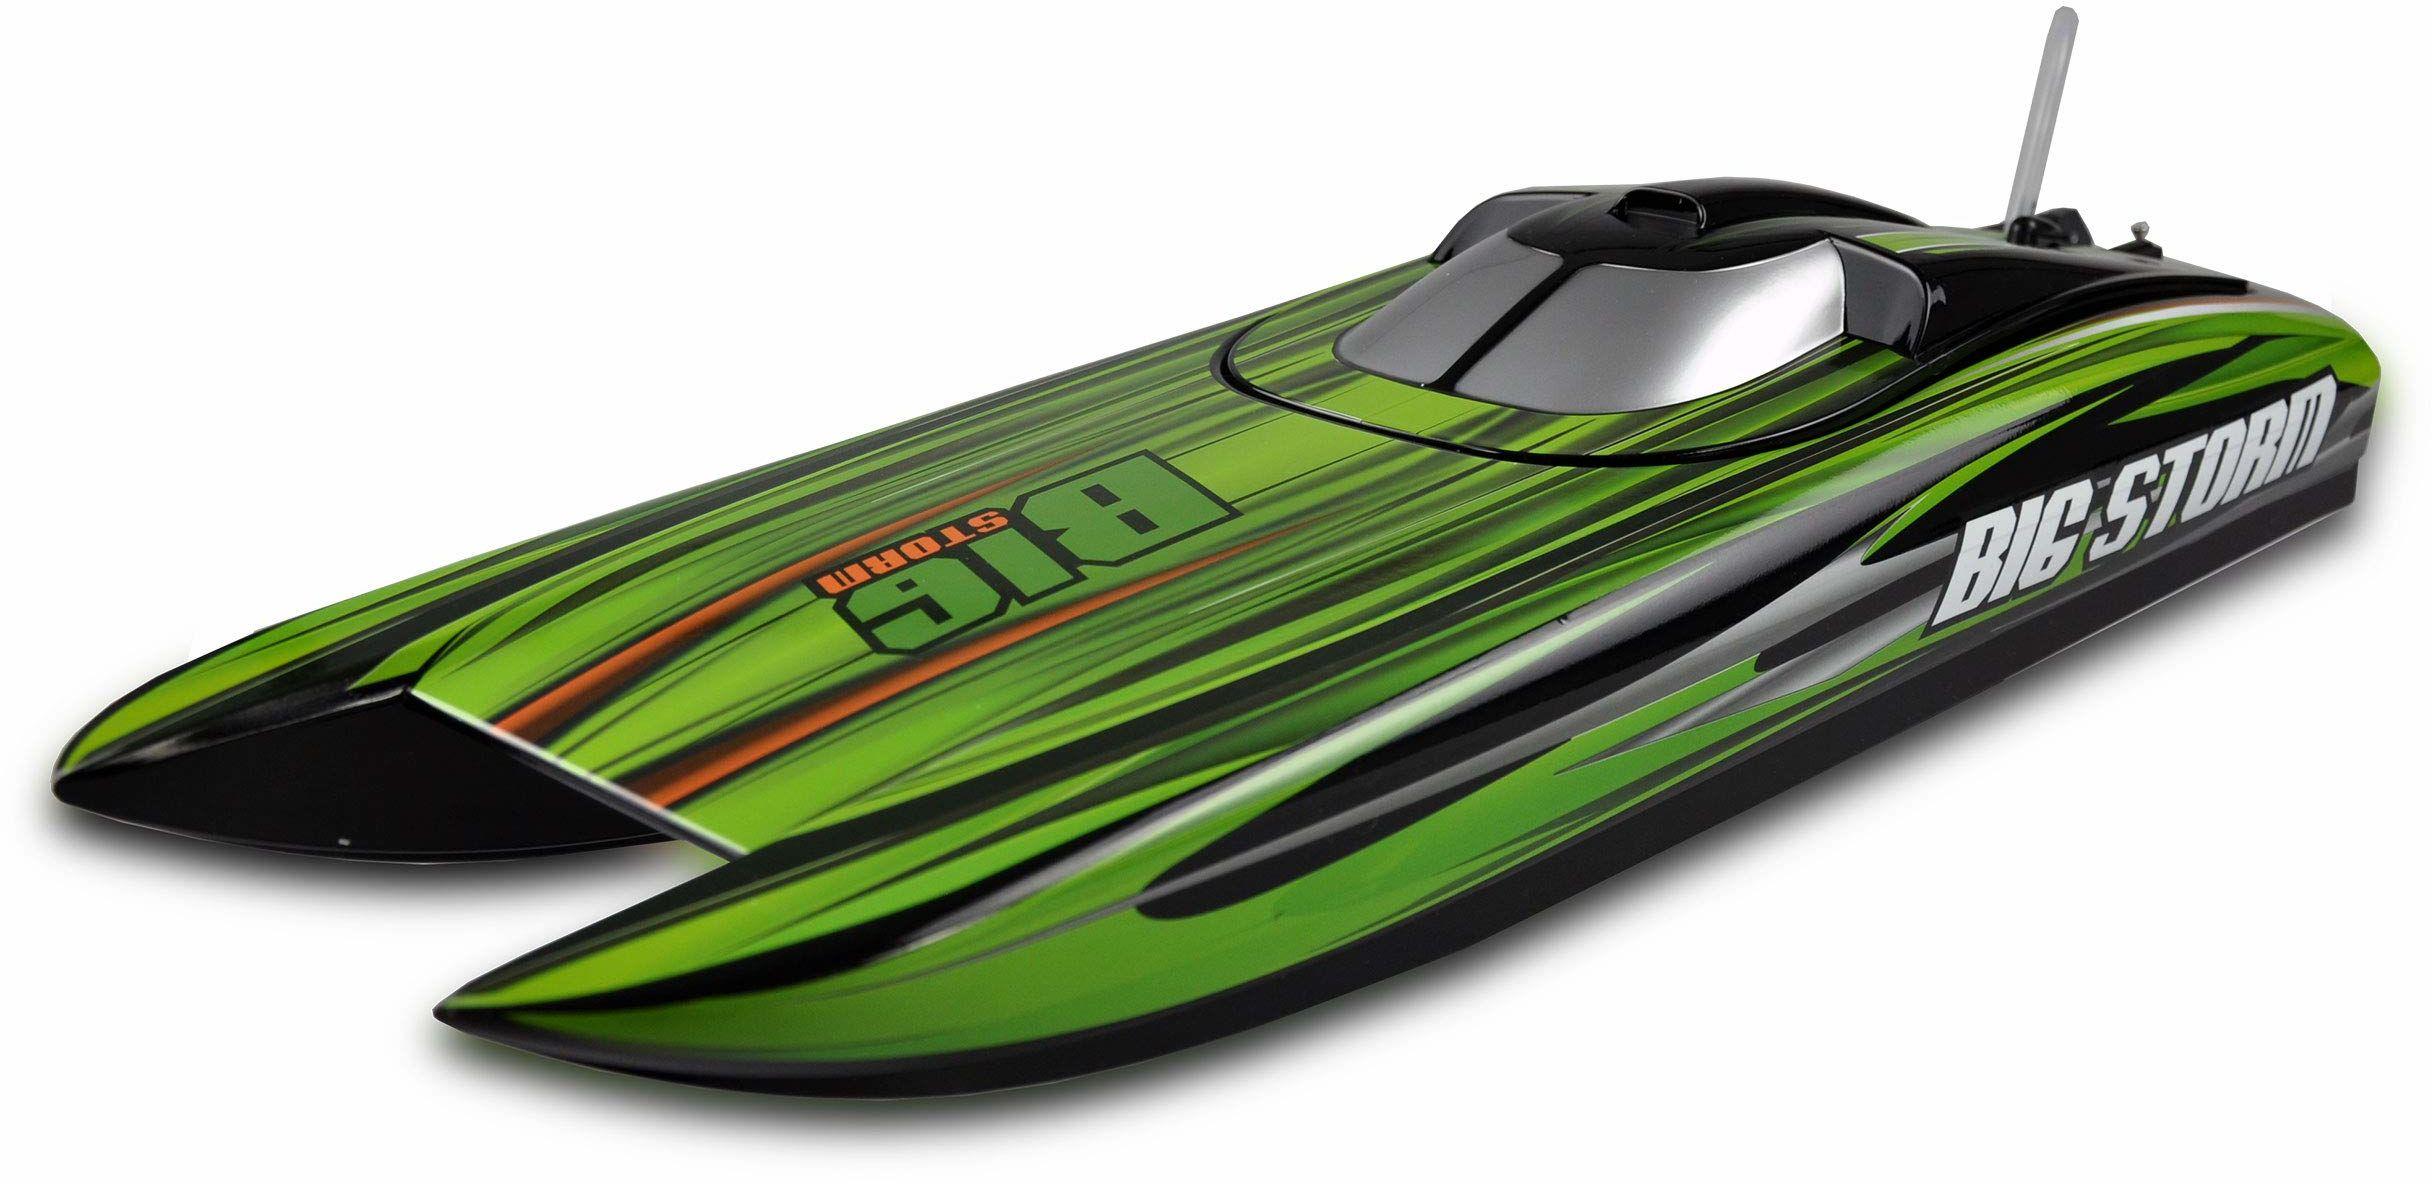 Amewi 26077 Big Storm Rennkatamaran Brushless 740 mm ARTR, zdalnie sterowana łódź, do 65 km/h, zielony/czarny